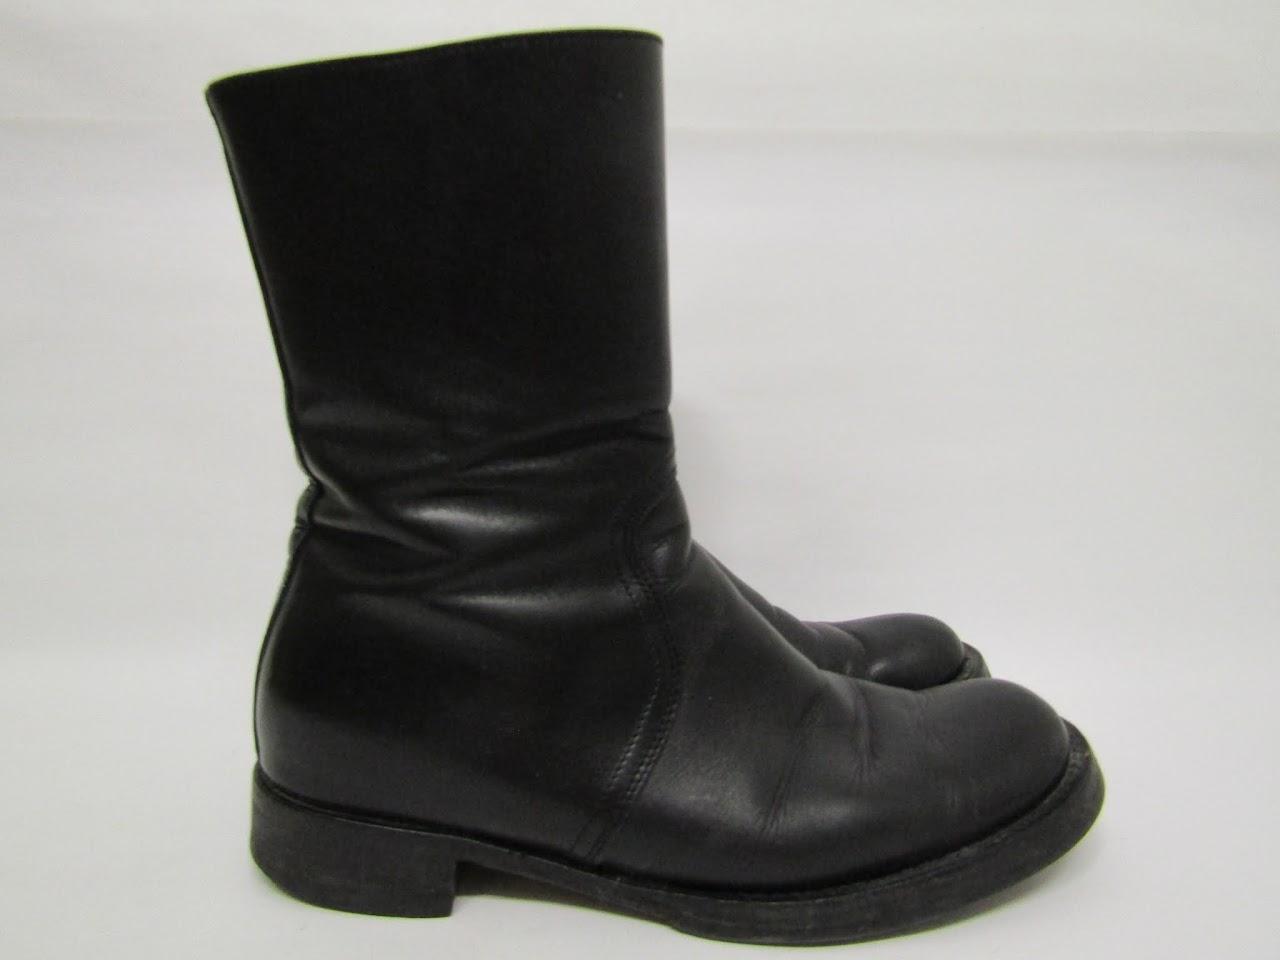 Miu Miu Zip-Up Boots